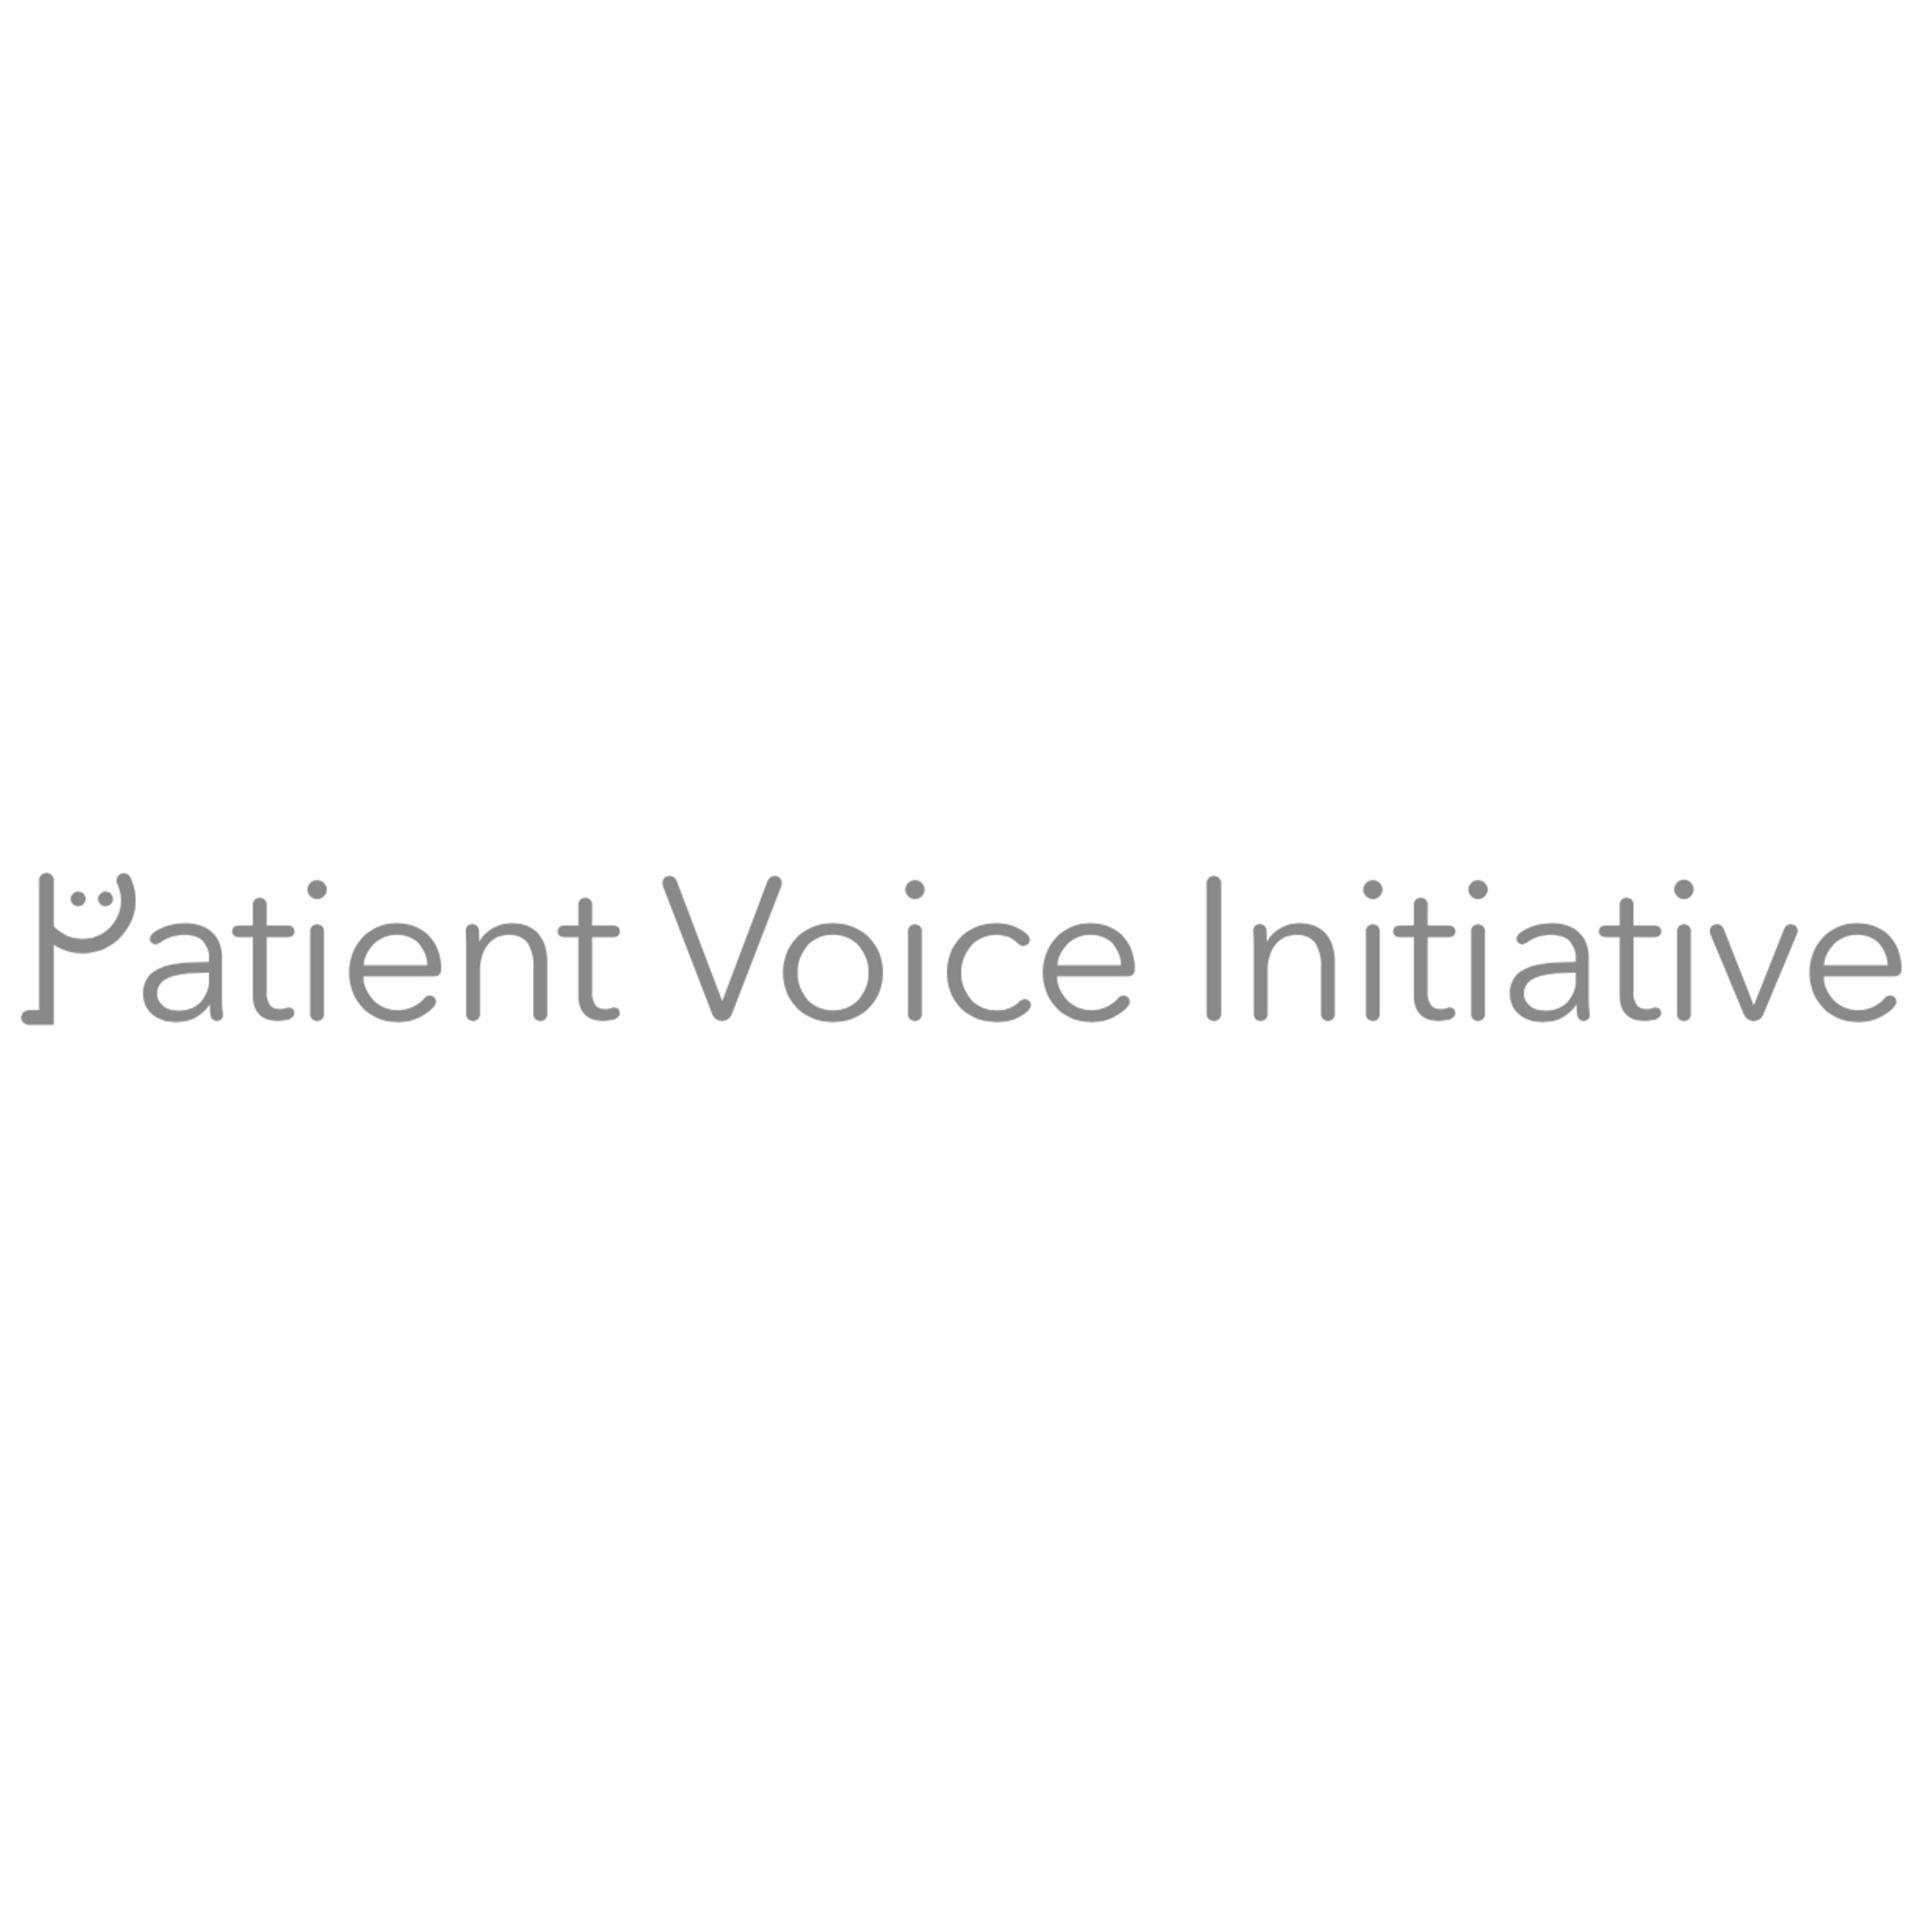 Patient Voice Initiative